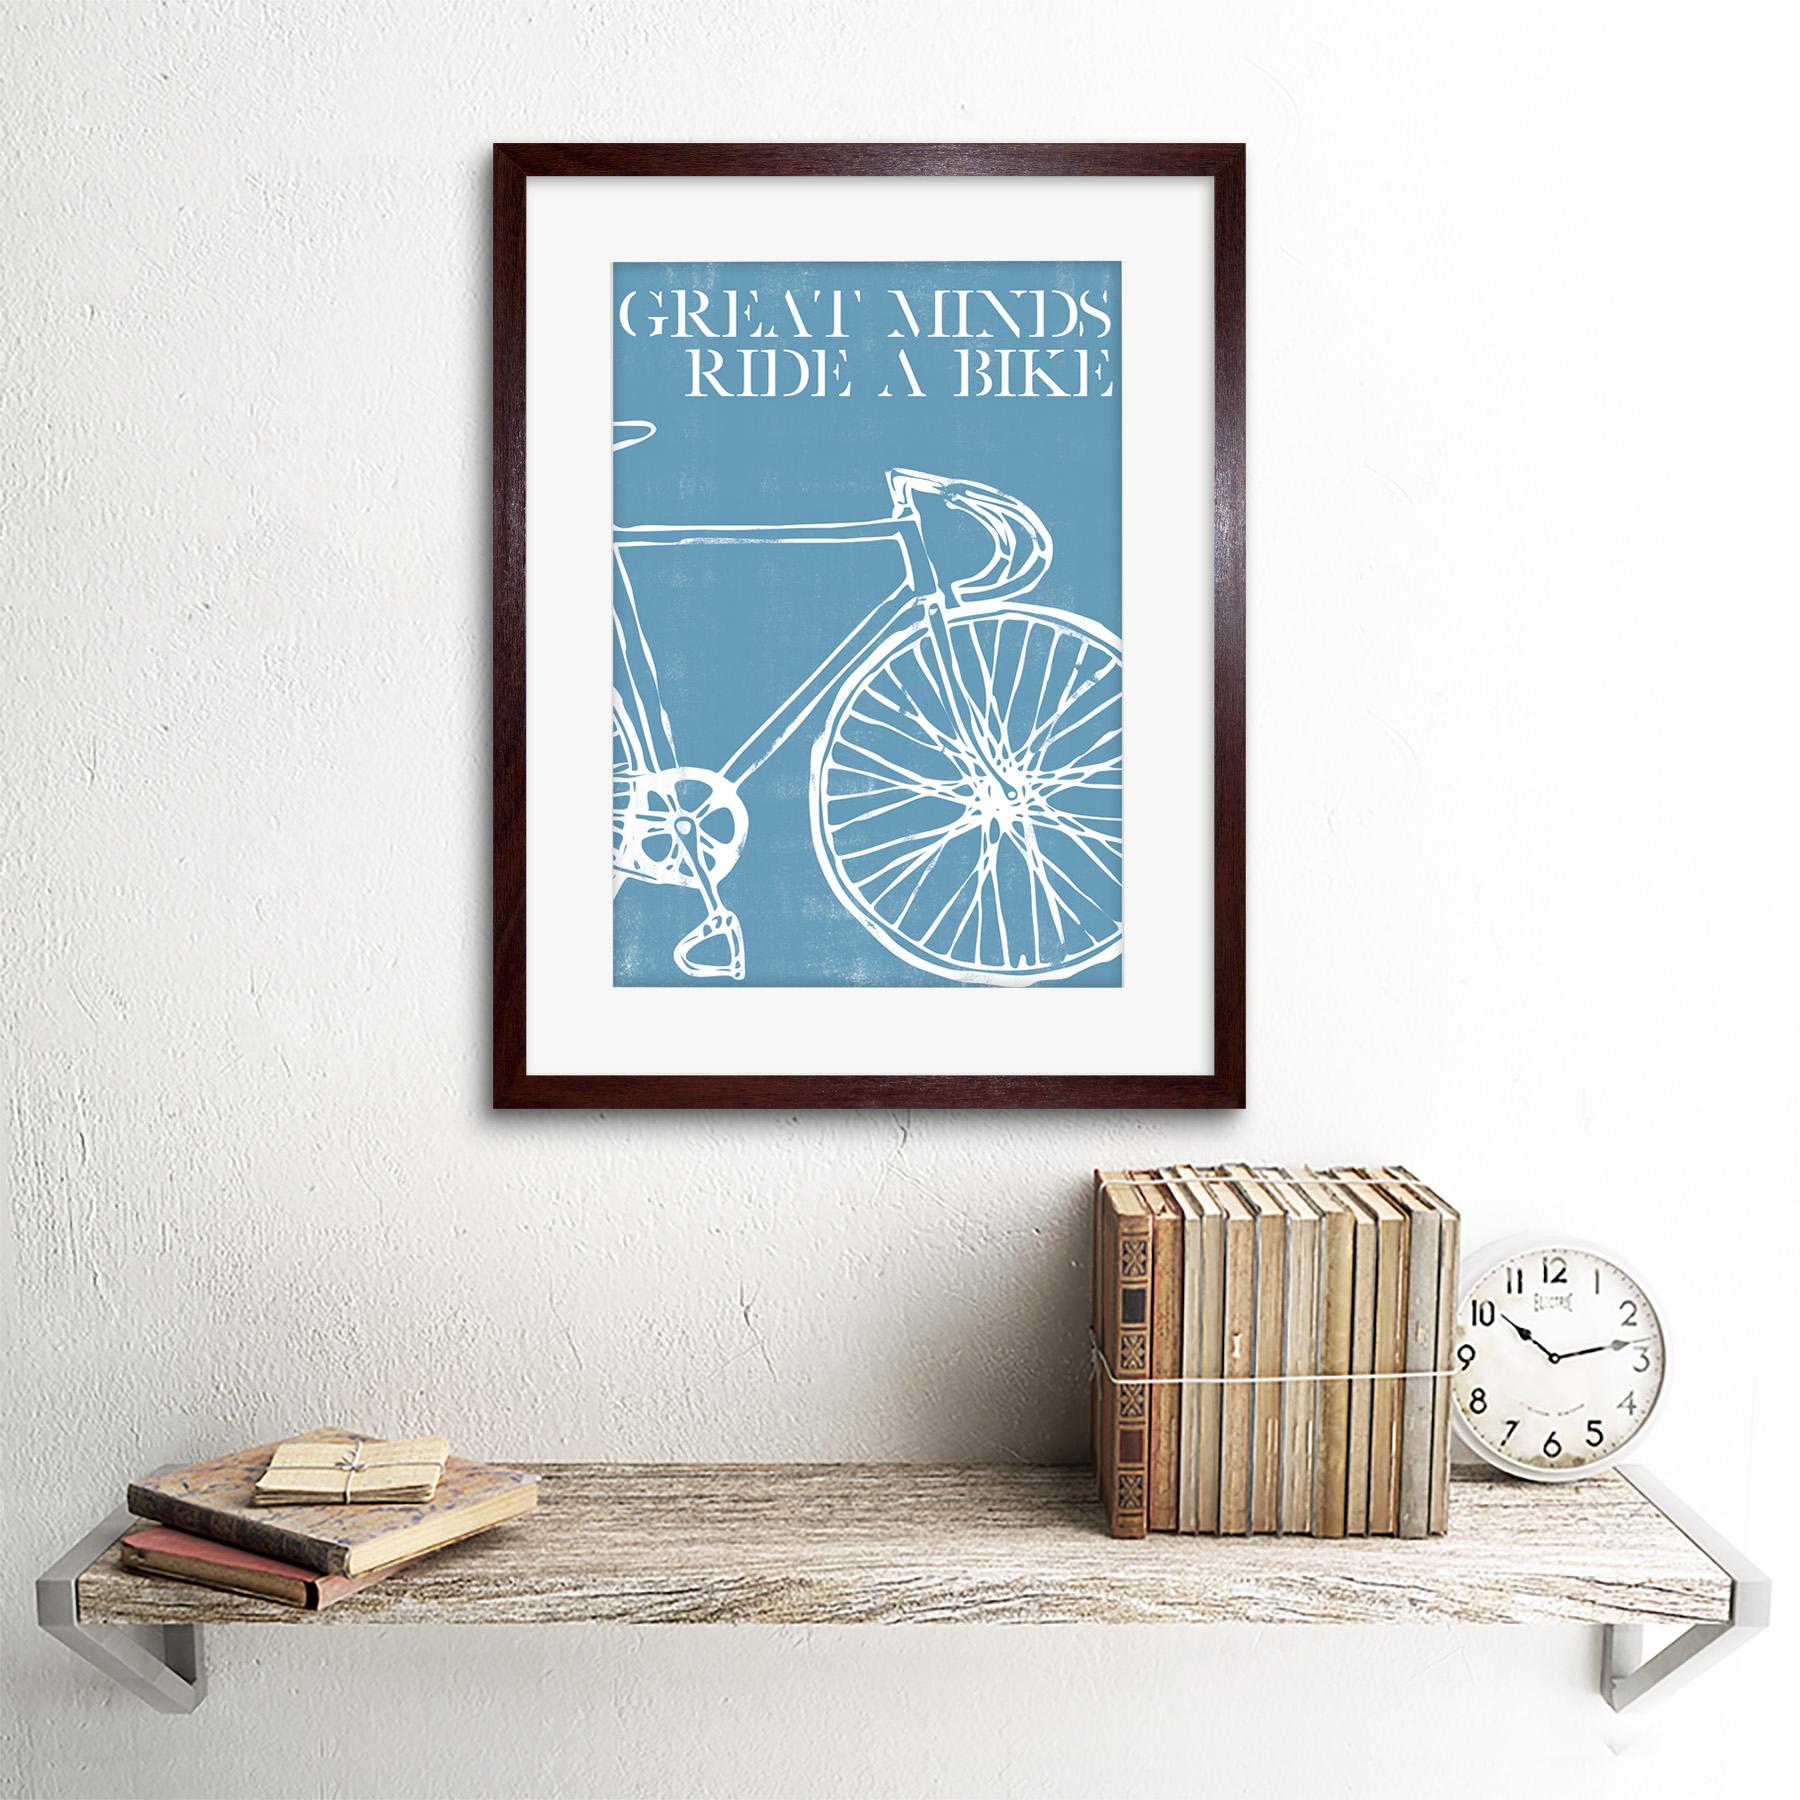 Ciclo bicicleta deporte grandes mentes Enmarcado Pared Arte Impresión 12X16 en